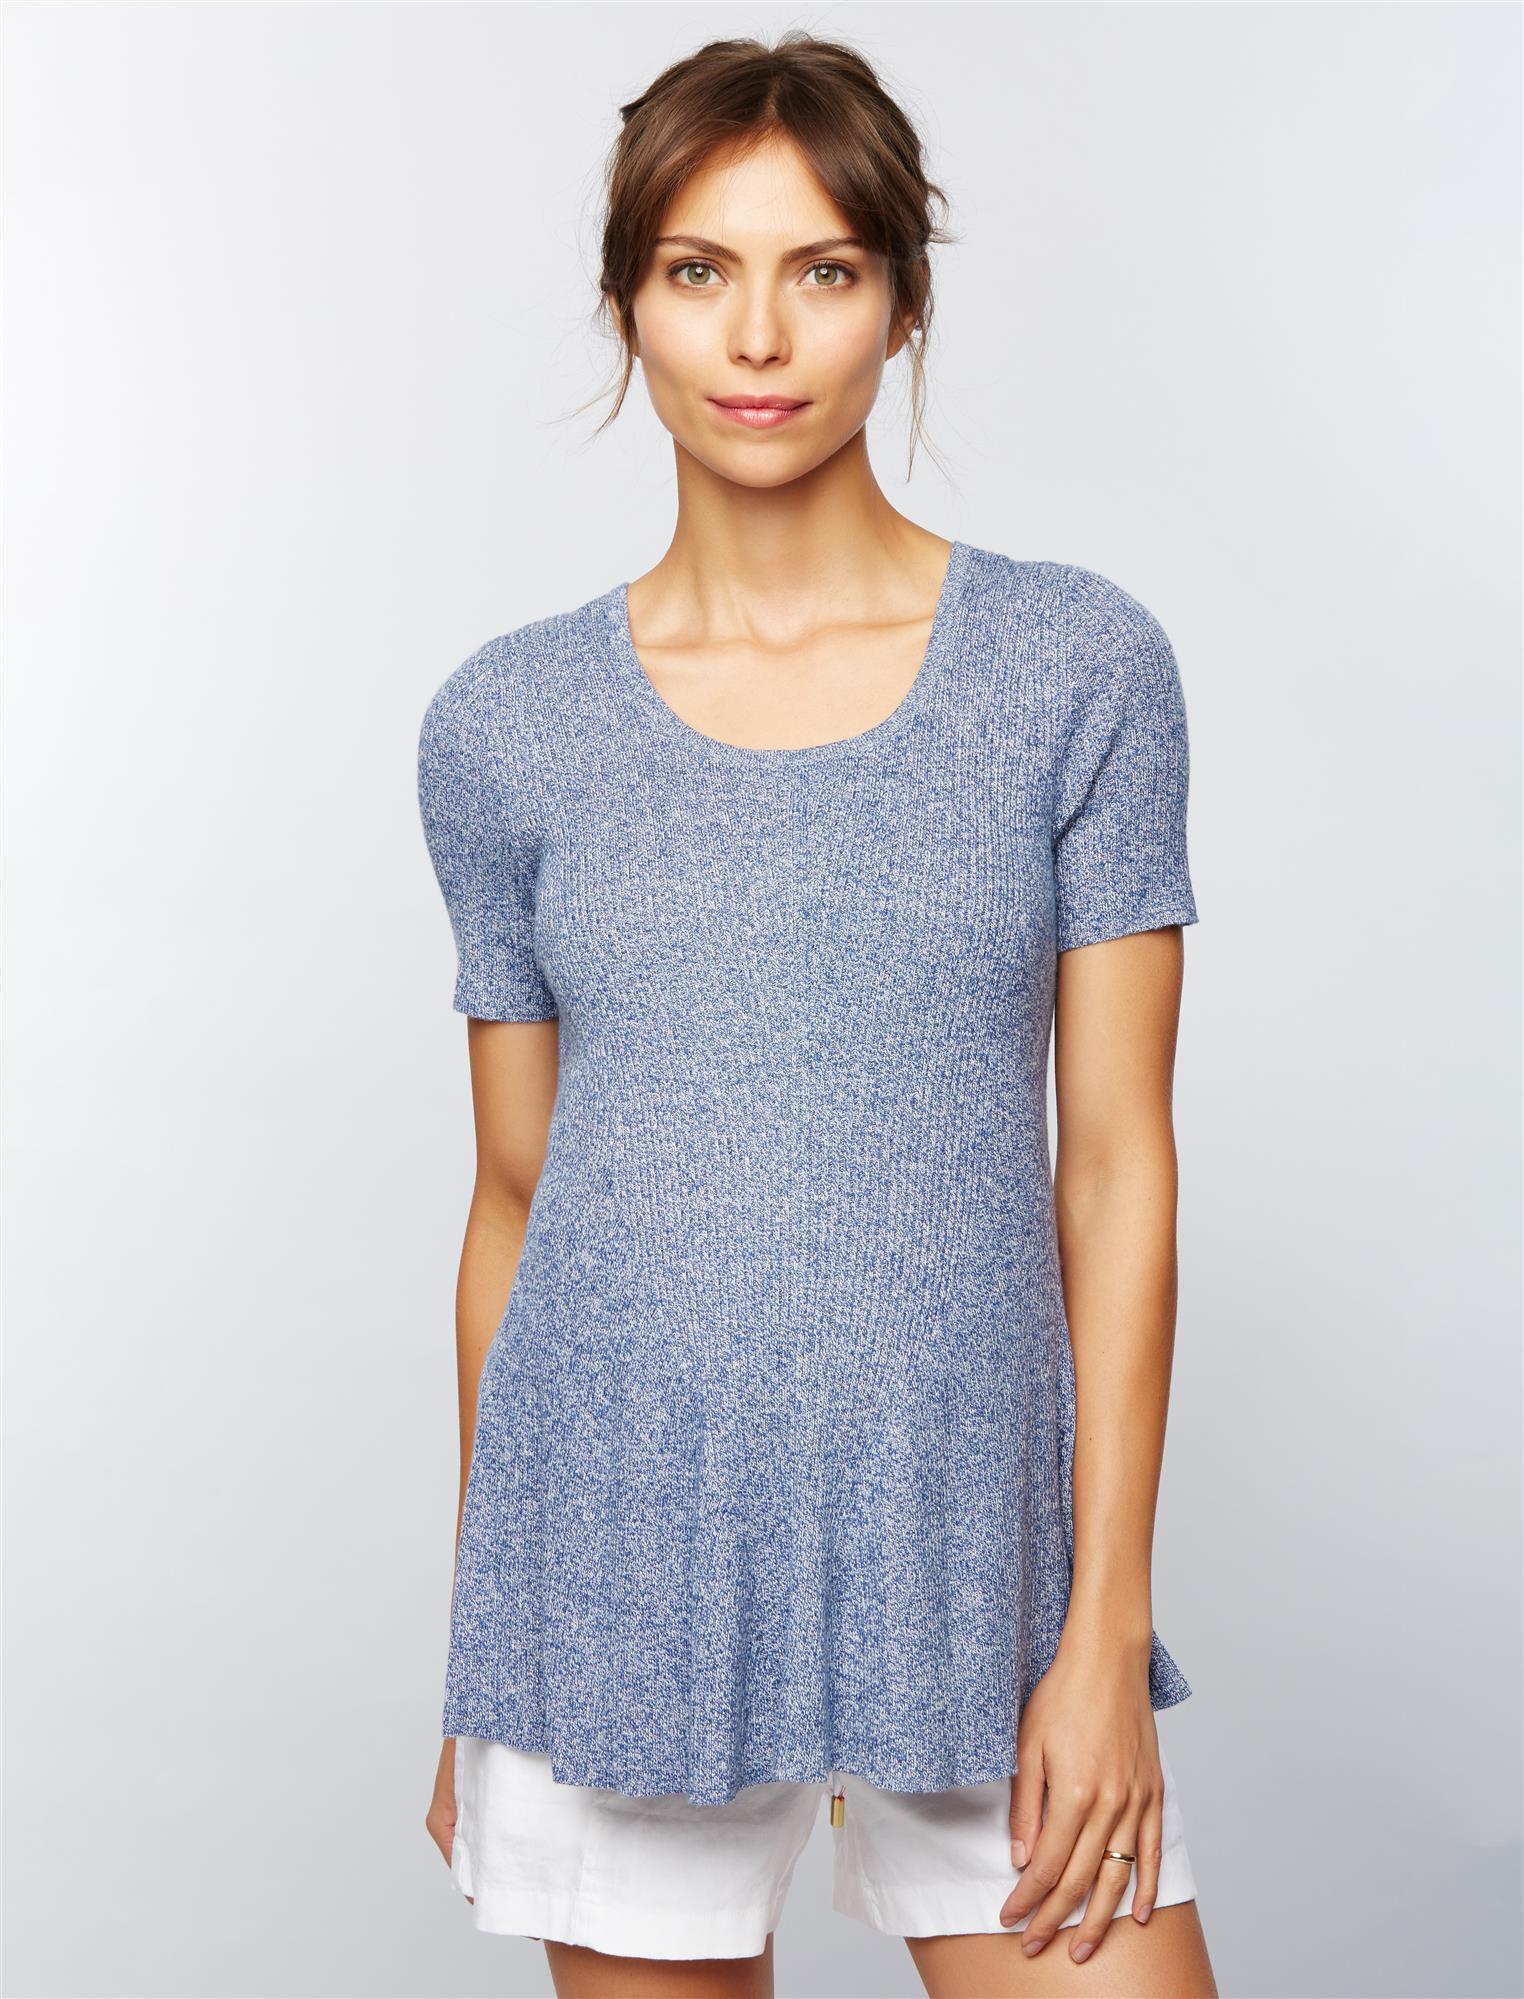 Rib Knit Peplum Maternity Sweater